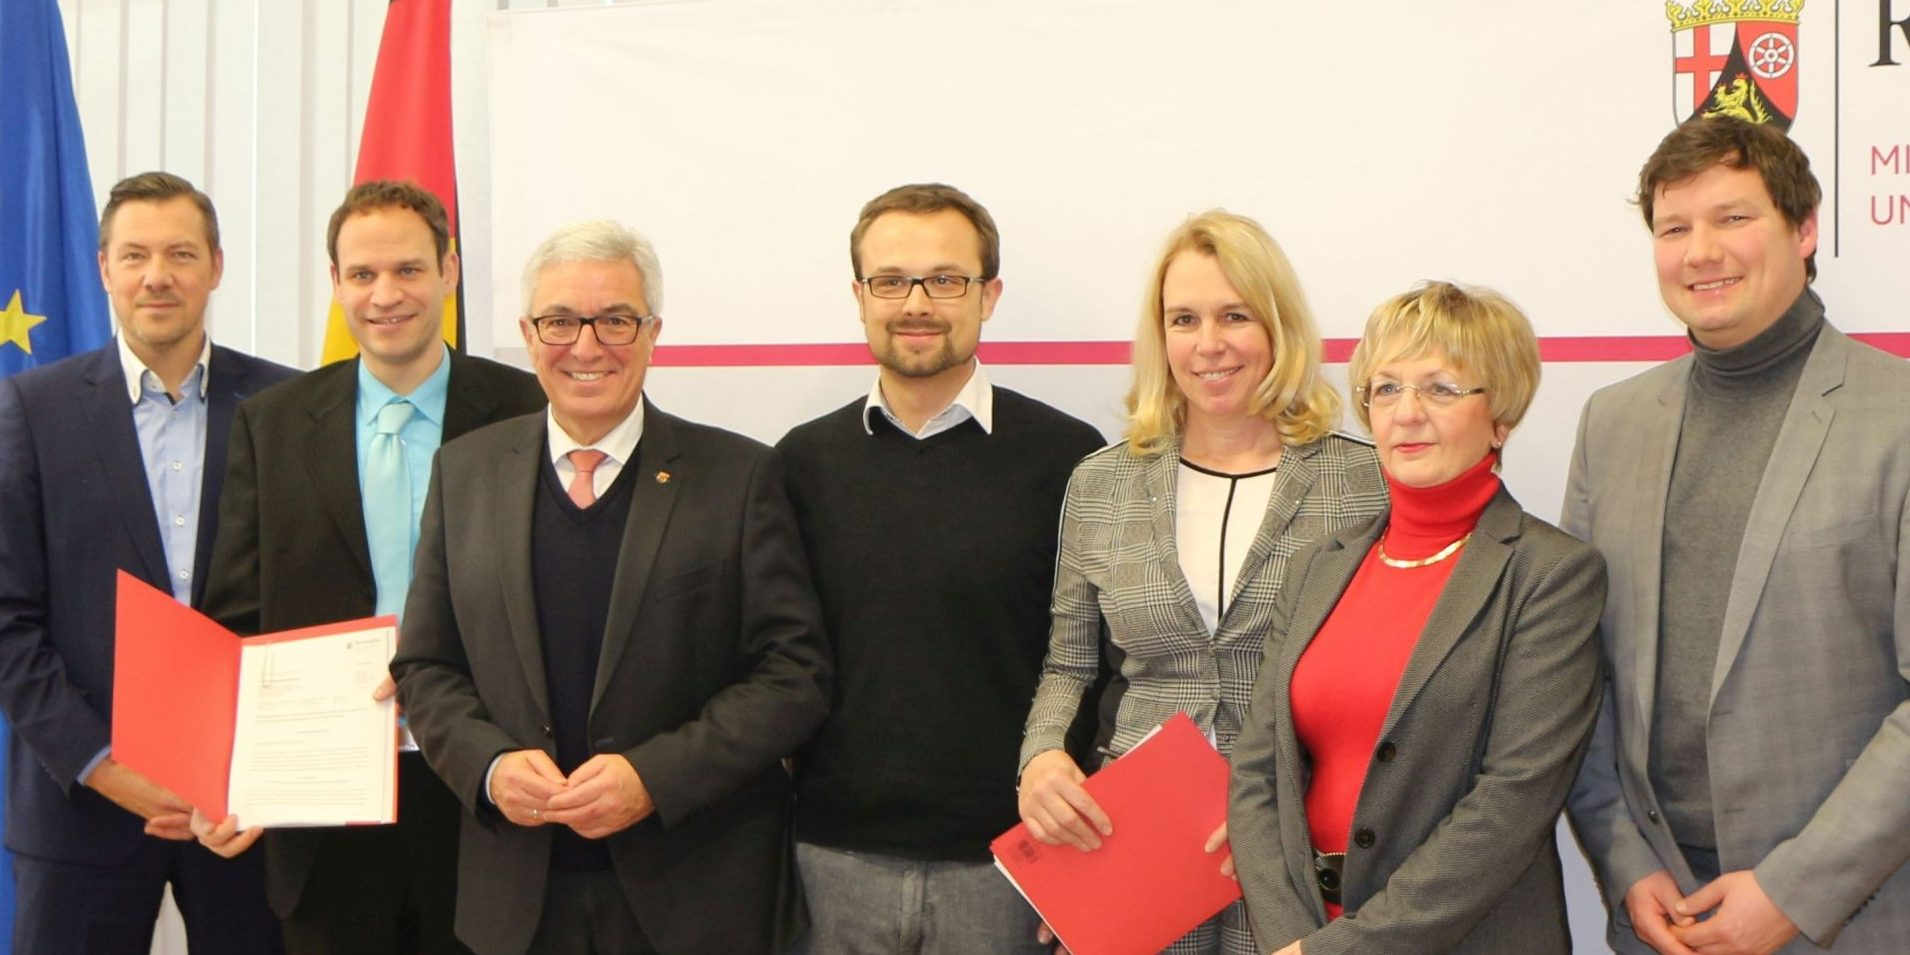 Personengruppe posiert für ein Foto, in der Mitte steht der rheinland-pfälzische Innenminister Roger Lewentz